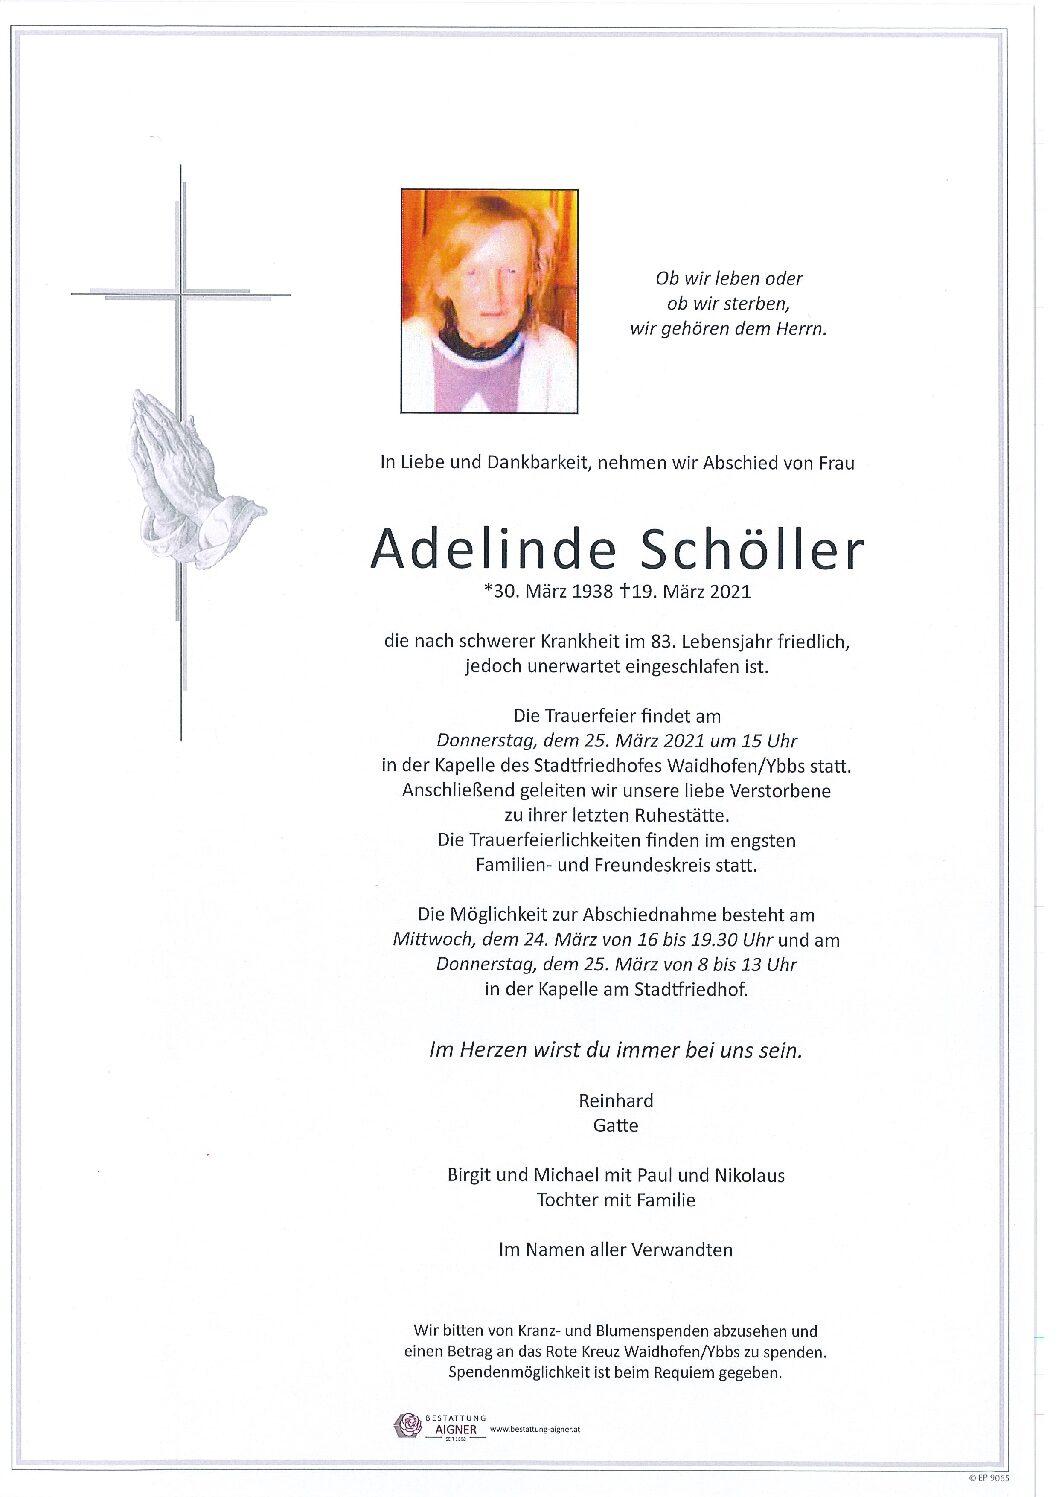 Adelinde Schöller